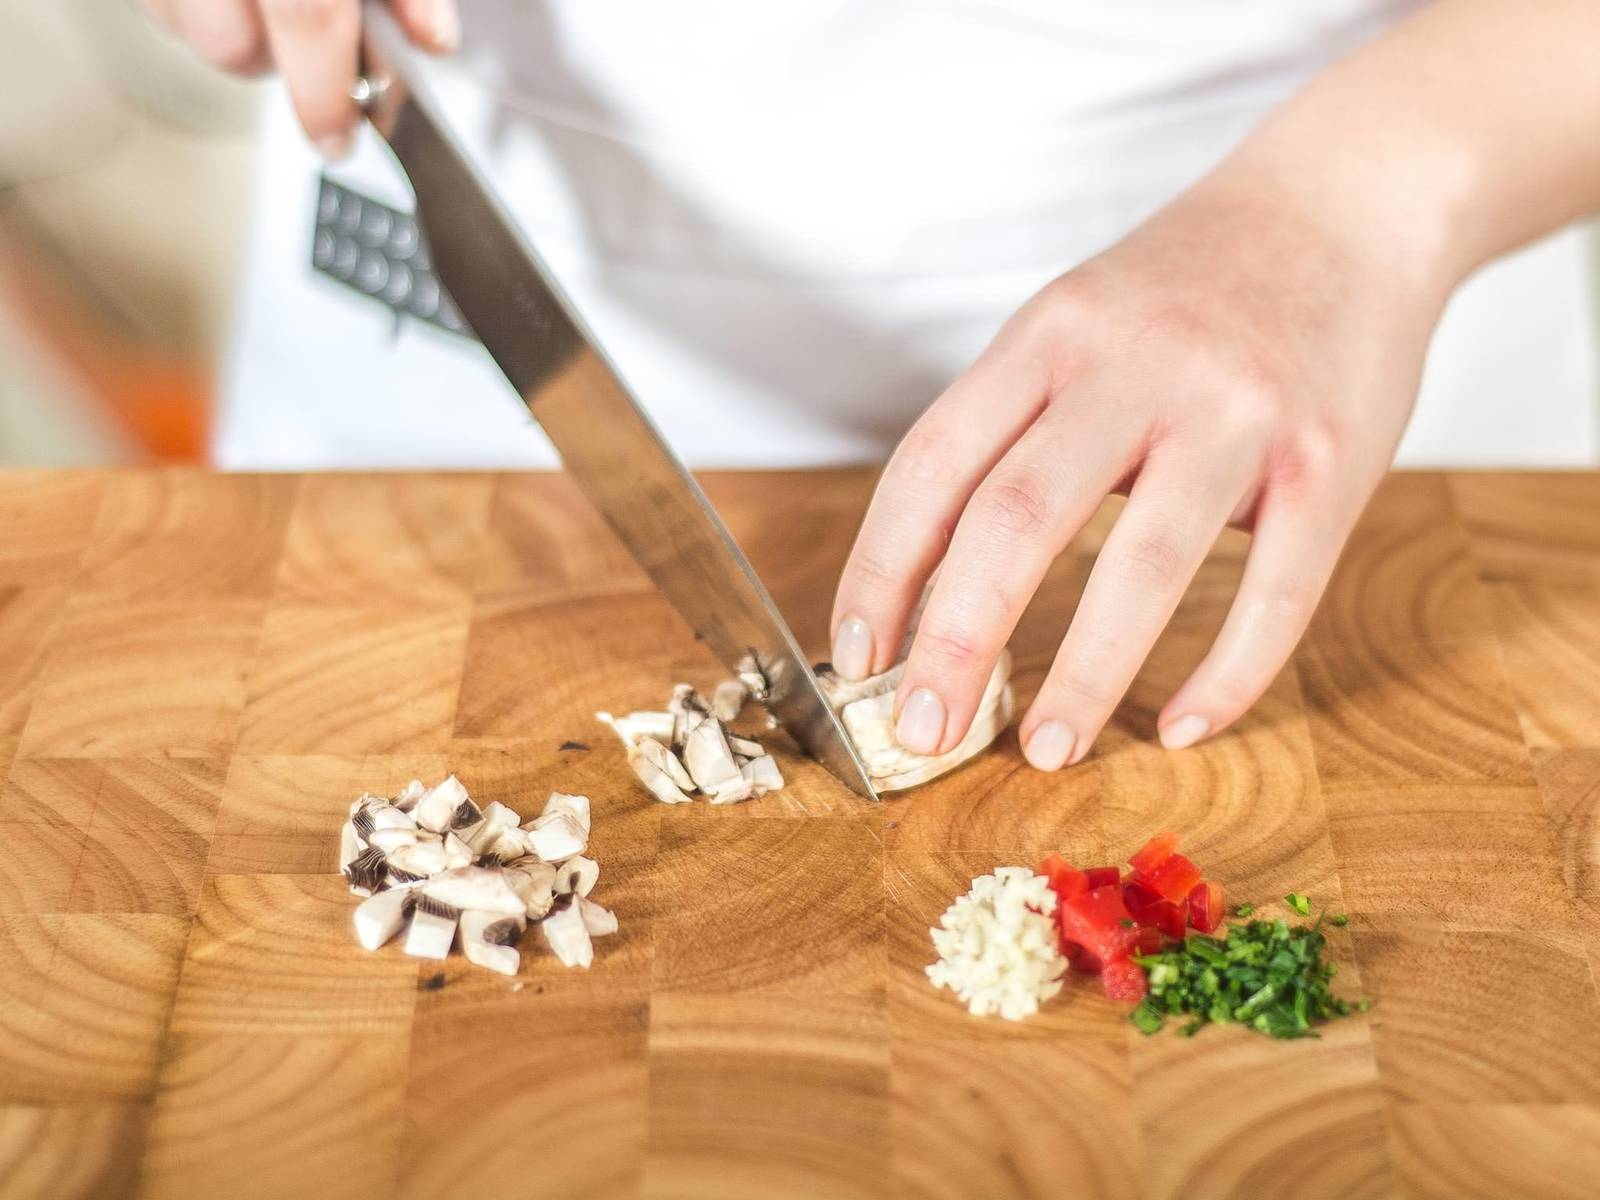 烤箱预热至180摄氏度。将欧芹与蒜切碎,灯笼椒与蘑菇切丁.